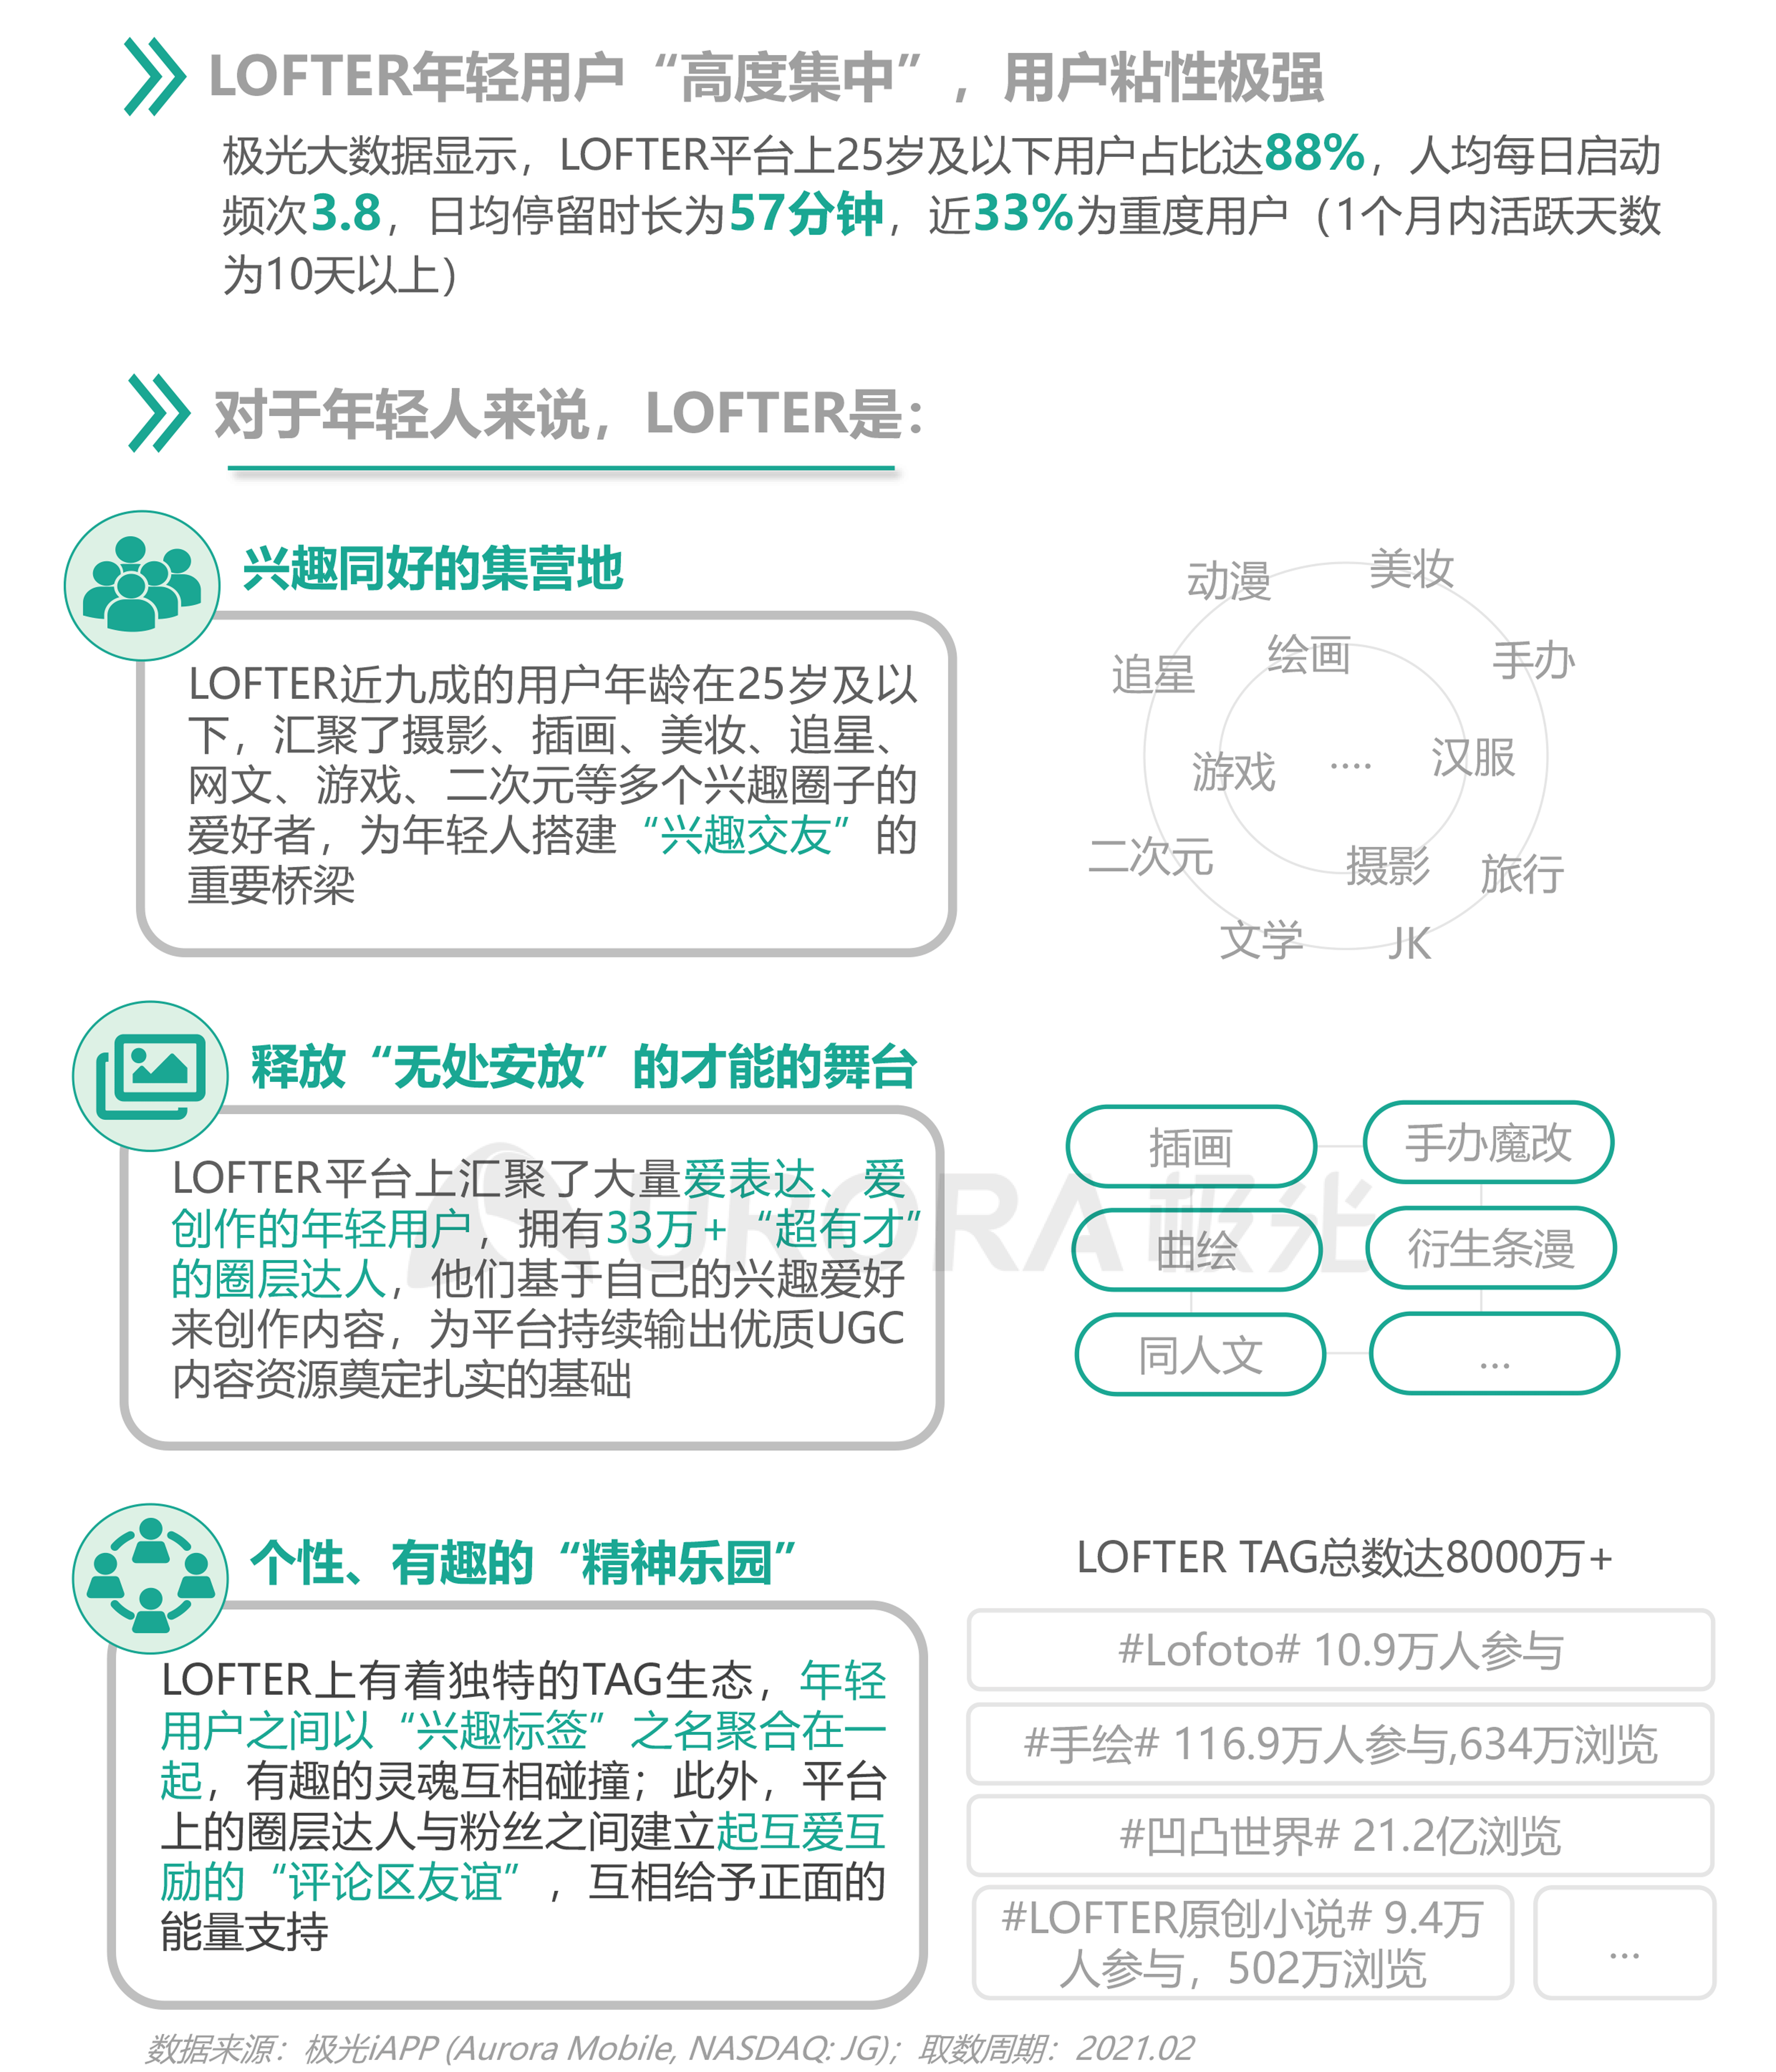 2021年轻人营销趋势研究报告【定稿】-39.png